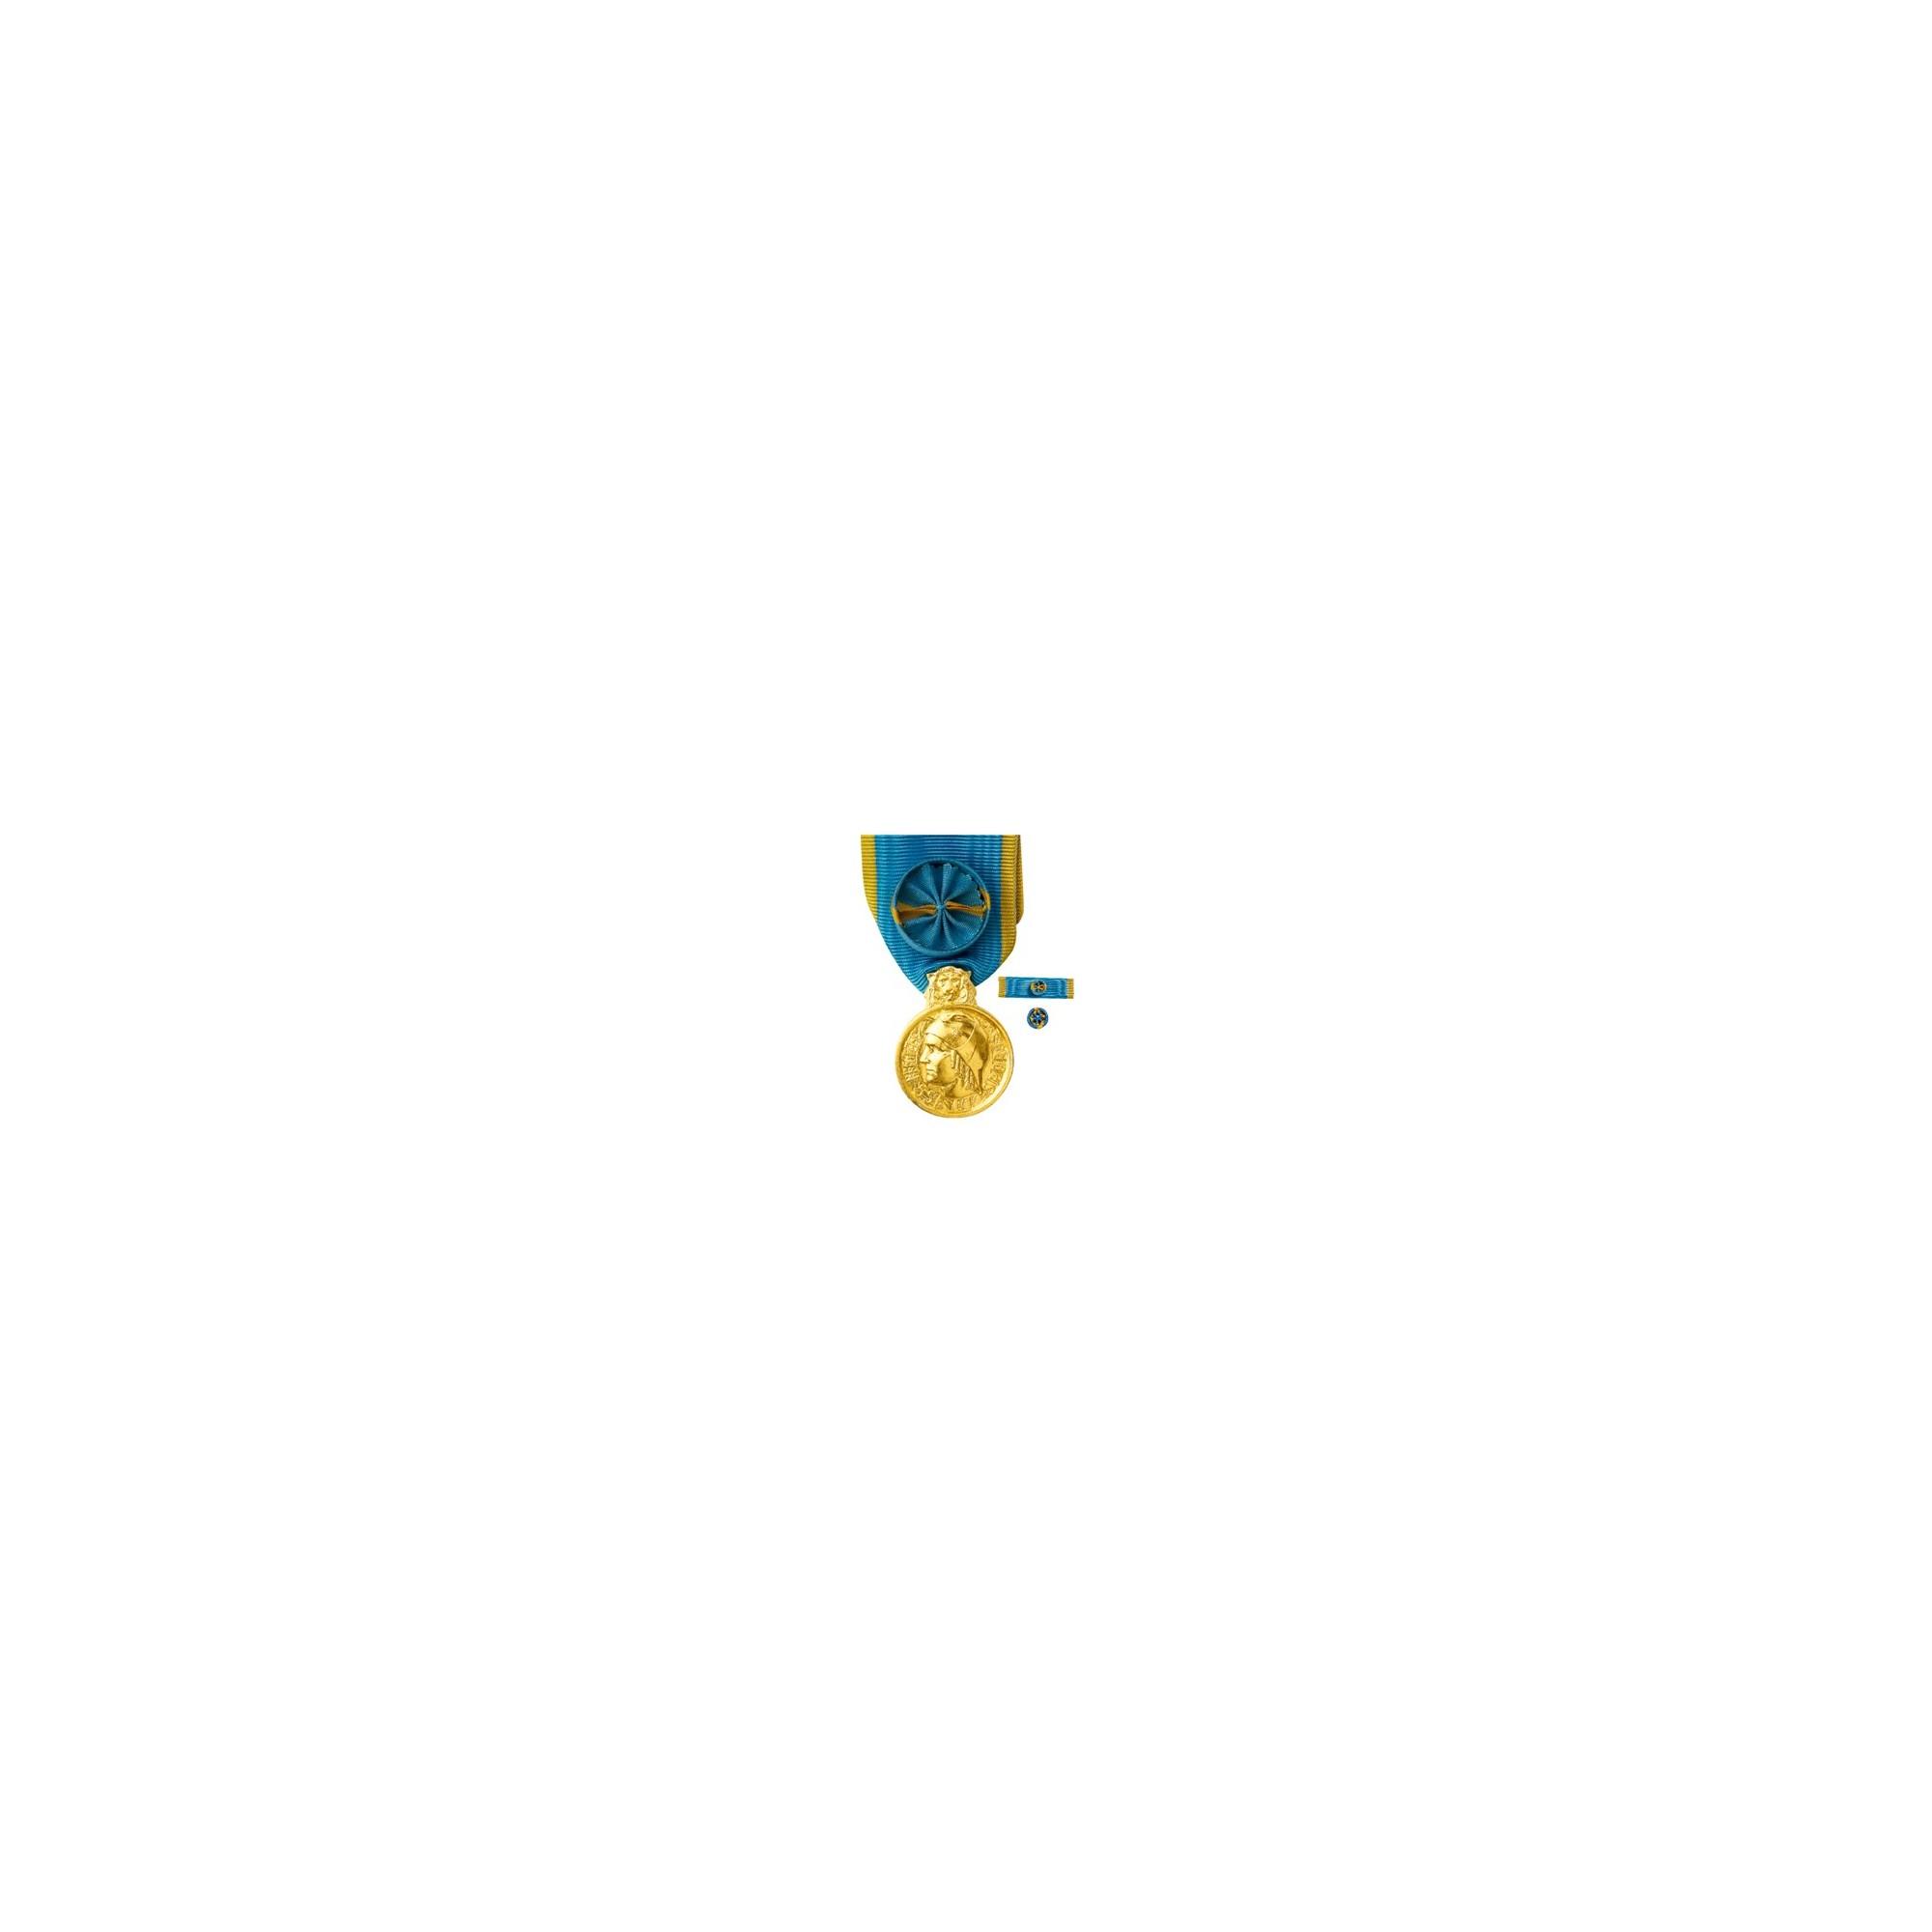 Médaille d'Honneur de la Jeunesse et des Sports - Or